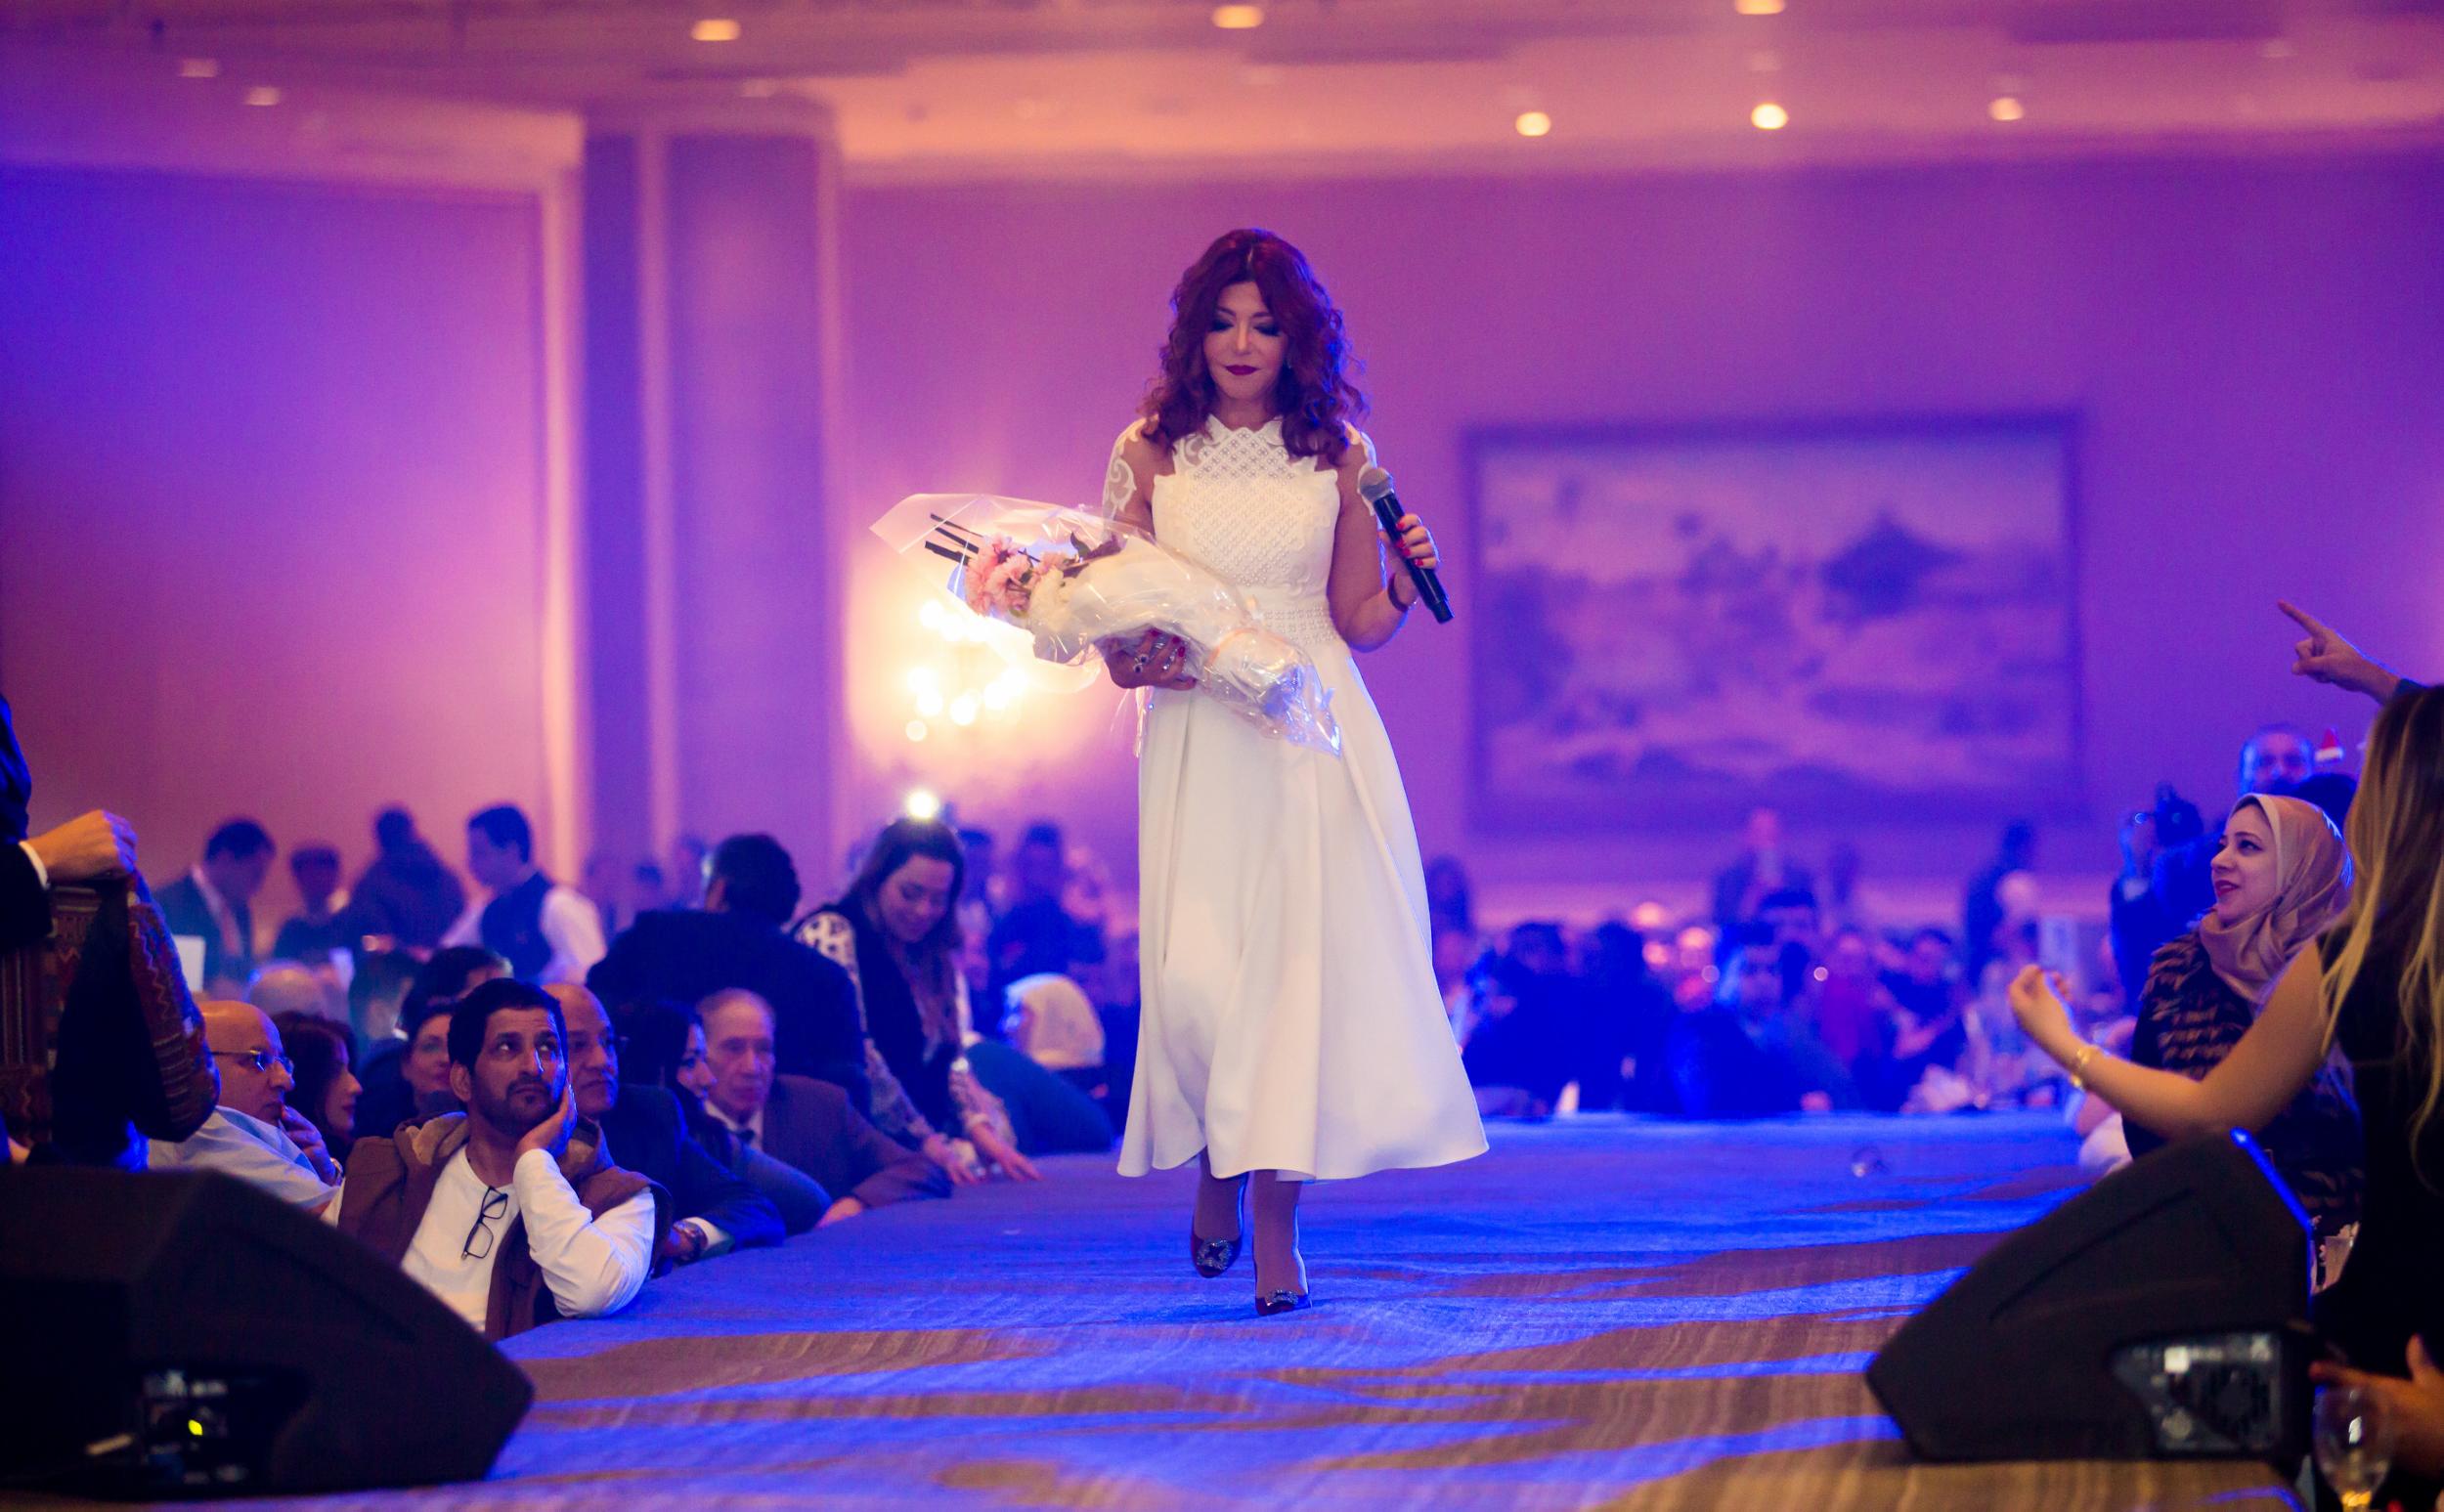 سميرة سعيد تتفوق على أسماء لمنور والجريني حسب المجلة العالمية Forbes